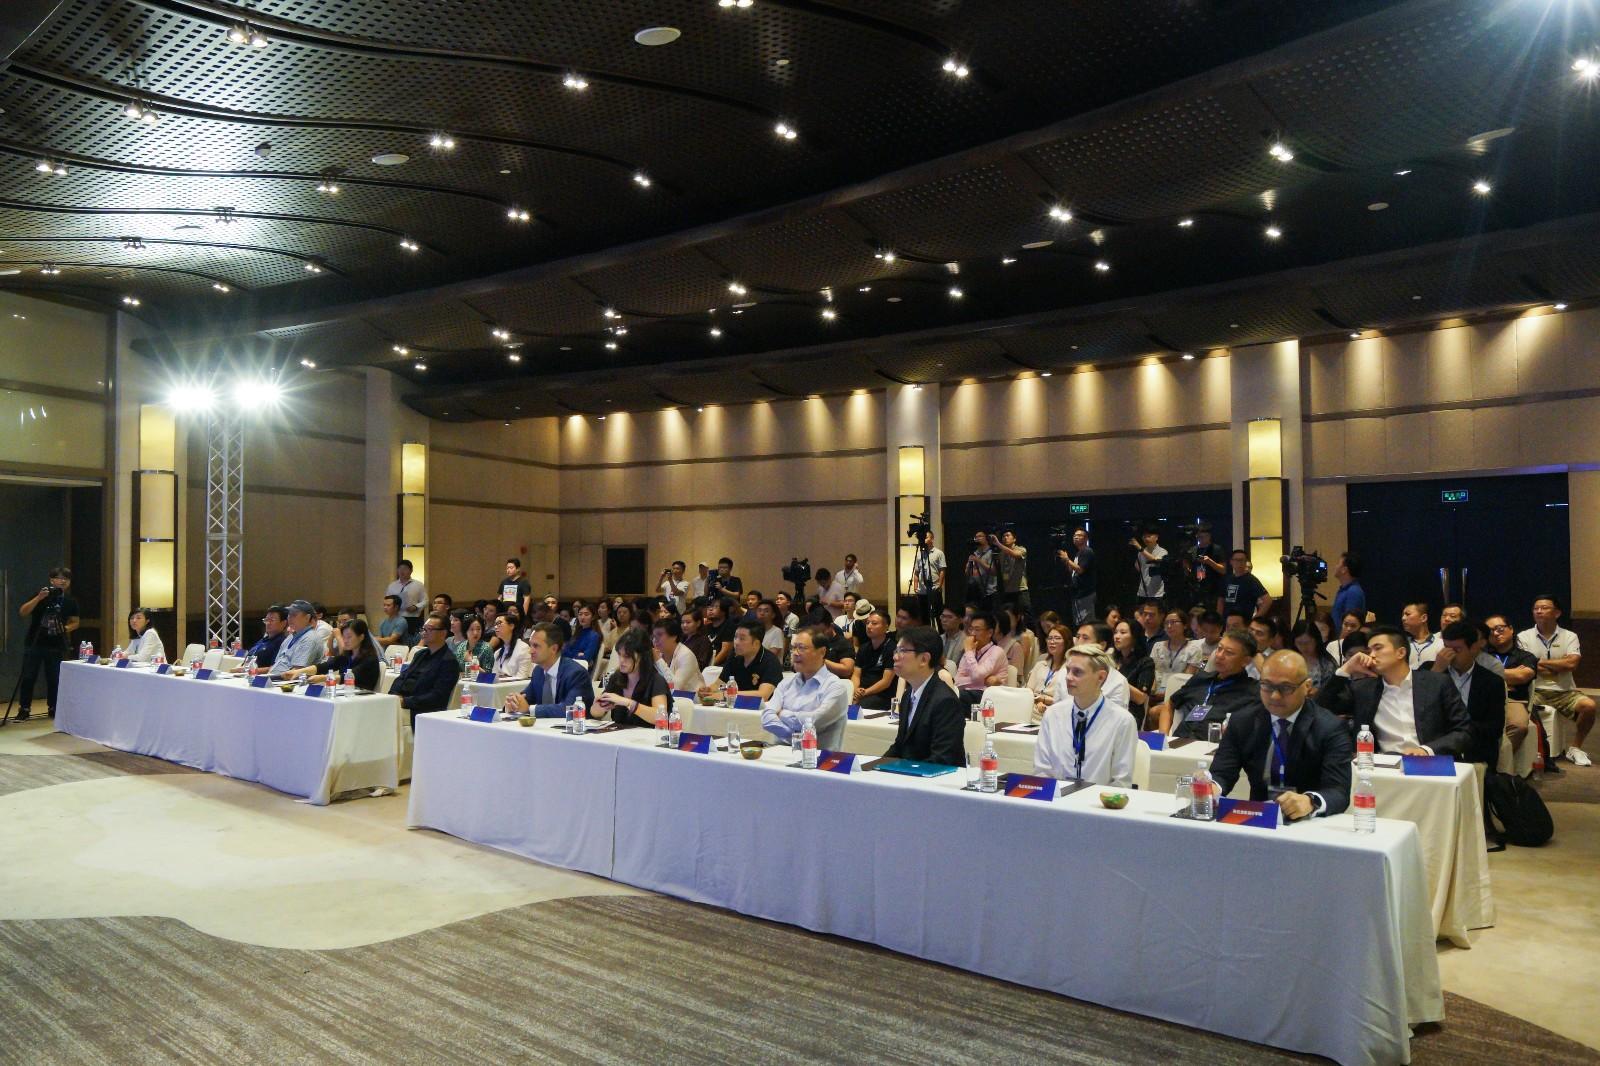 上海杯诺卡拉帆船赛信息发布会现场图片7.jpg